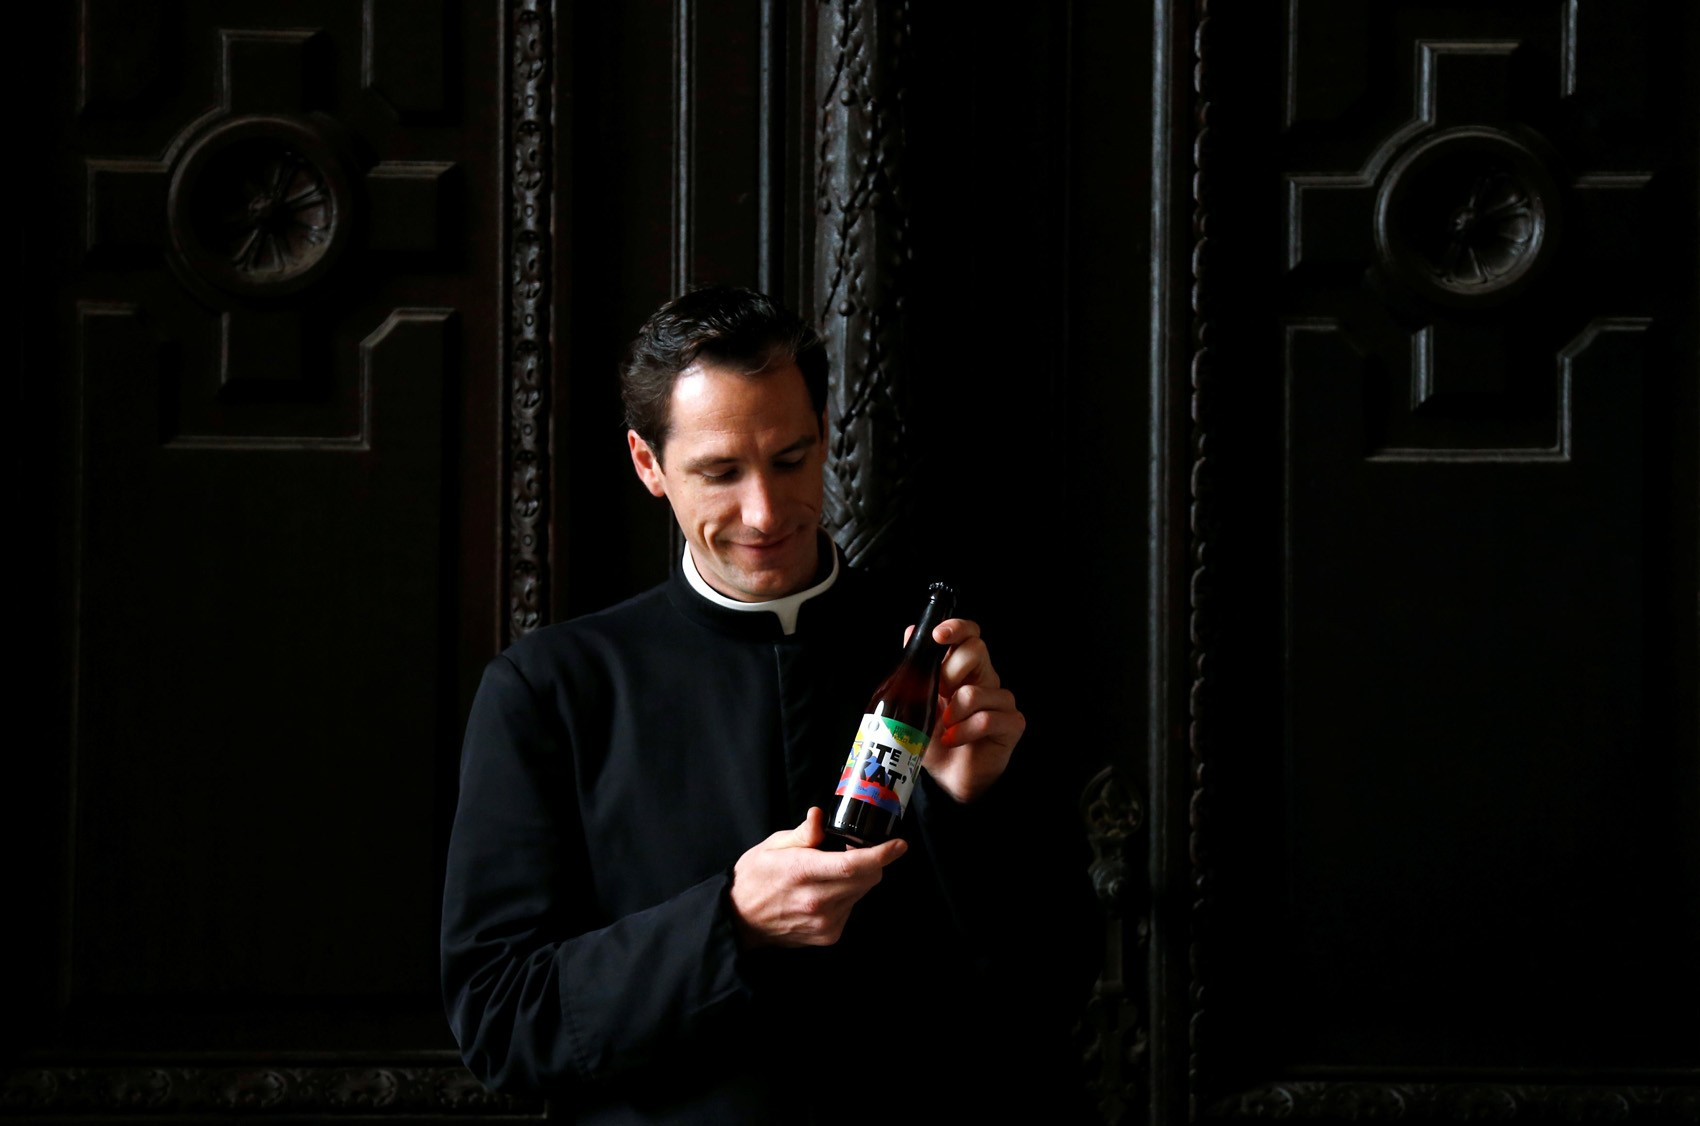 Igreja lança cerveja na Bélgica